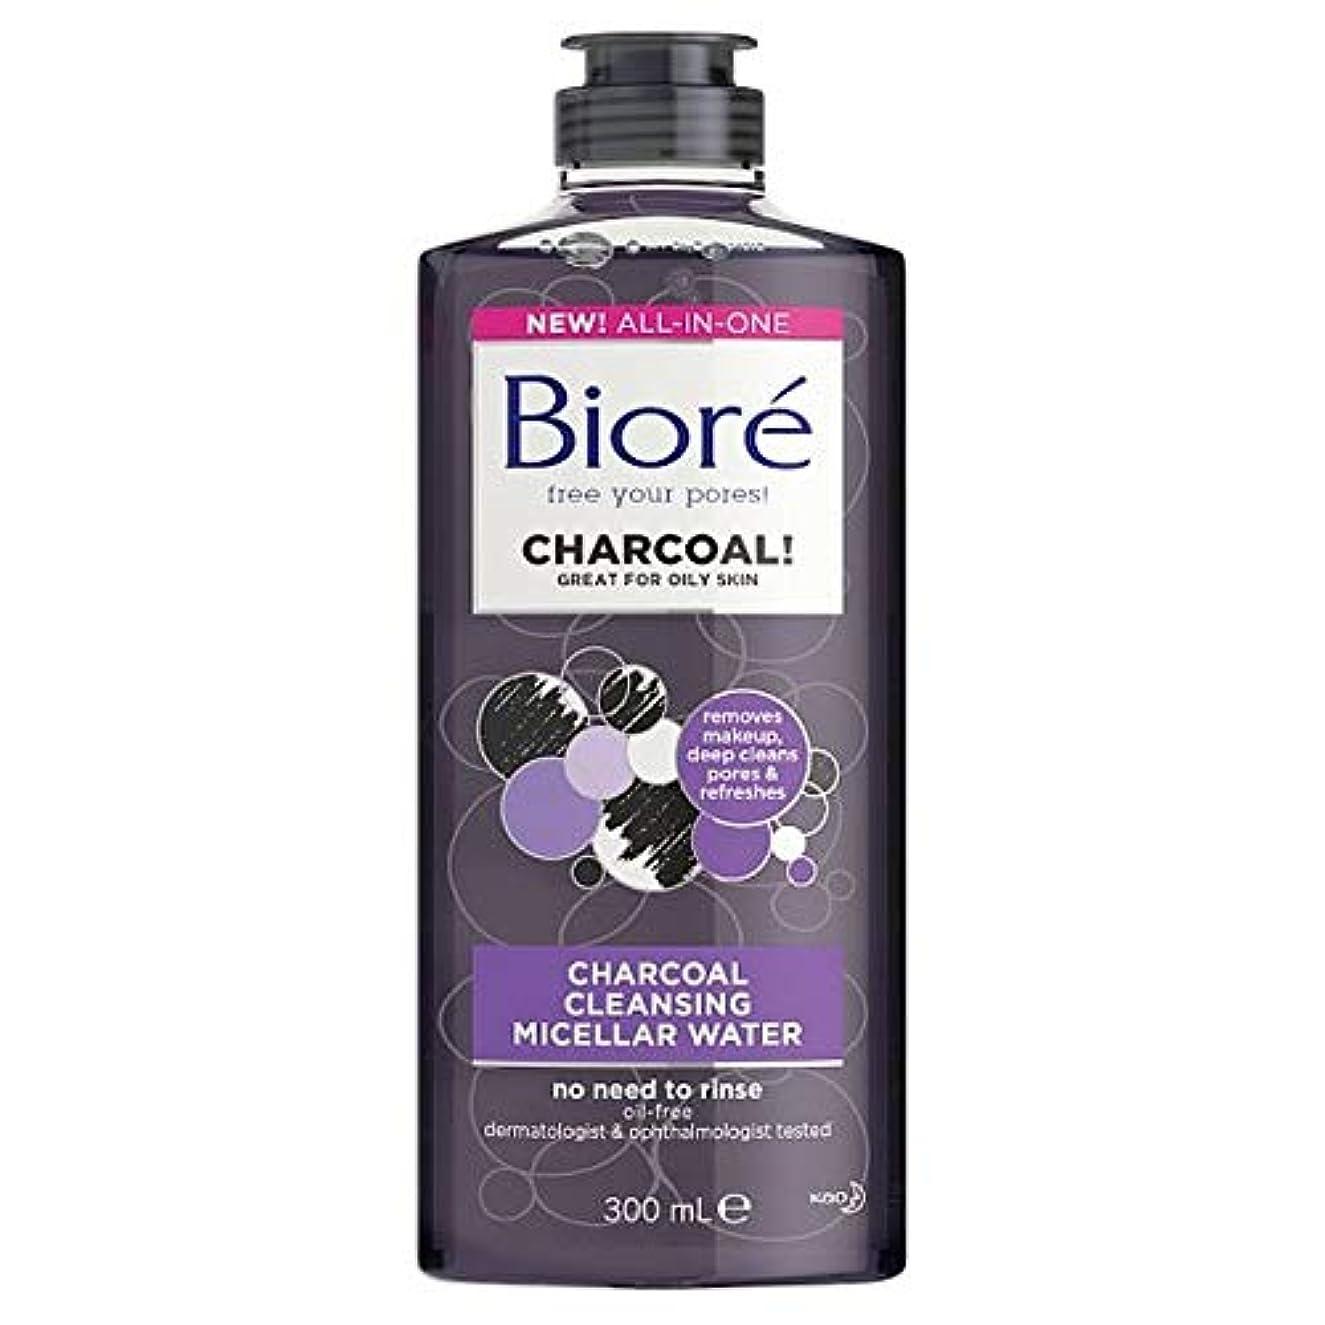 粗い煩わしい終わり[Biore] ビオレ炭ミセル水300ミリリットル - Biore Charcoal Micellar Water 300Ml [並行輸入品]